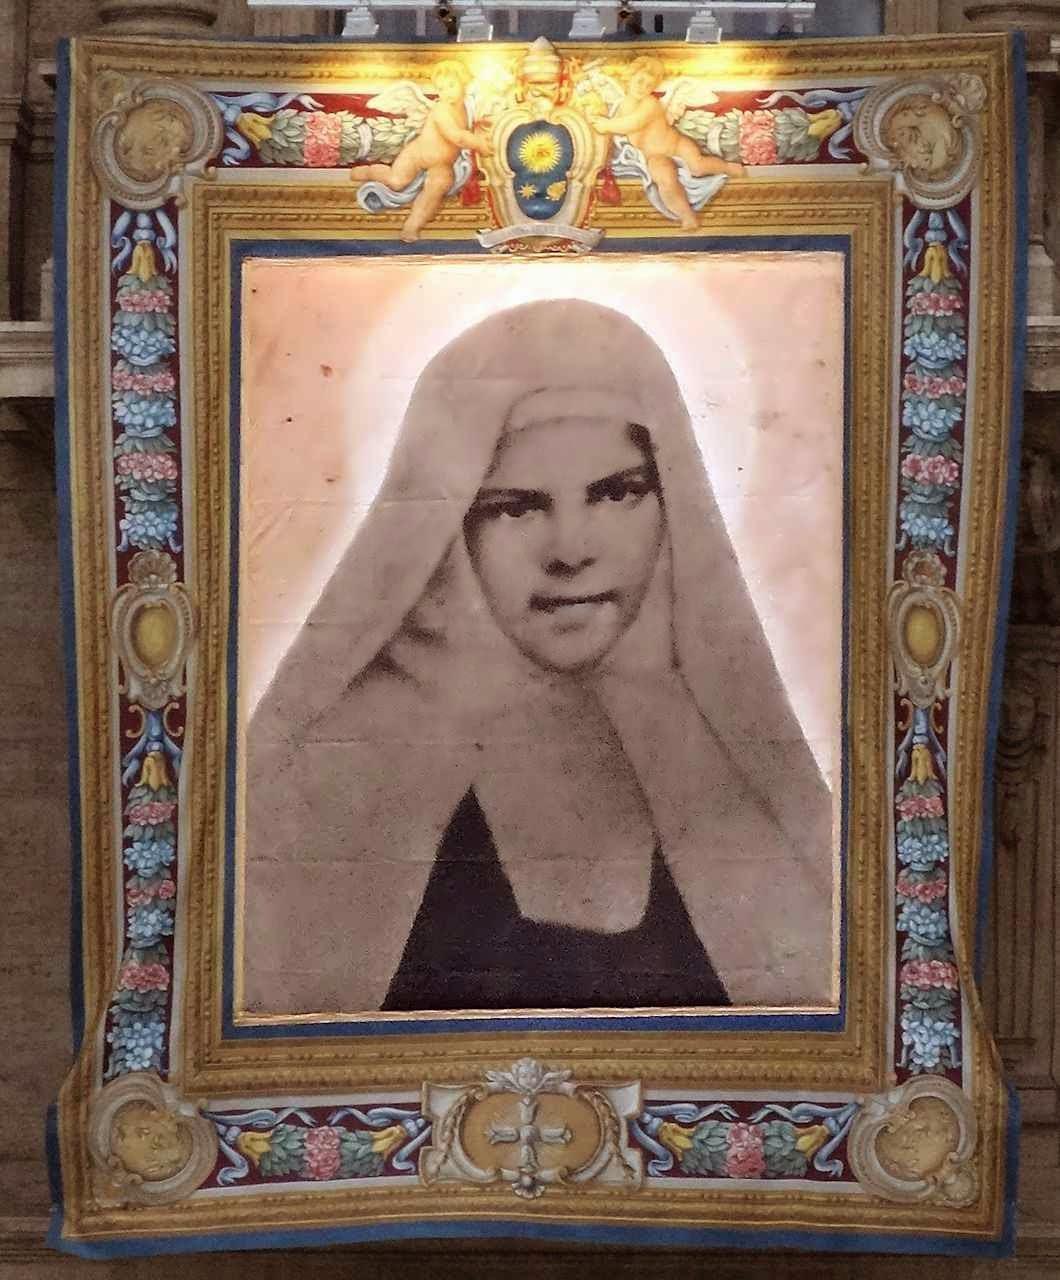 Santa Maria de Jesus Crucificado, imagem oficial na fachada da Basílica de São Pedro, no Vaticano, exibida no dia de sua canonização.